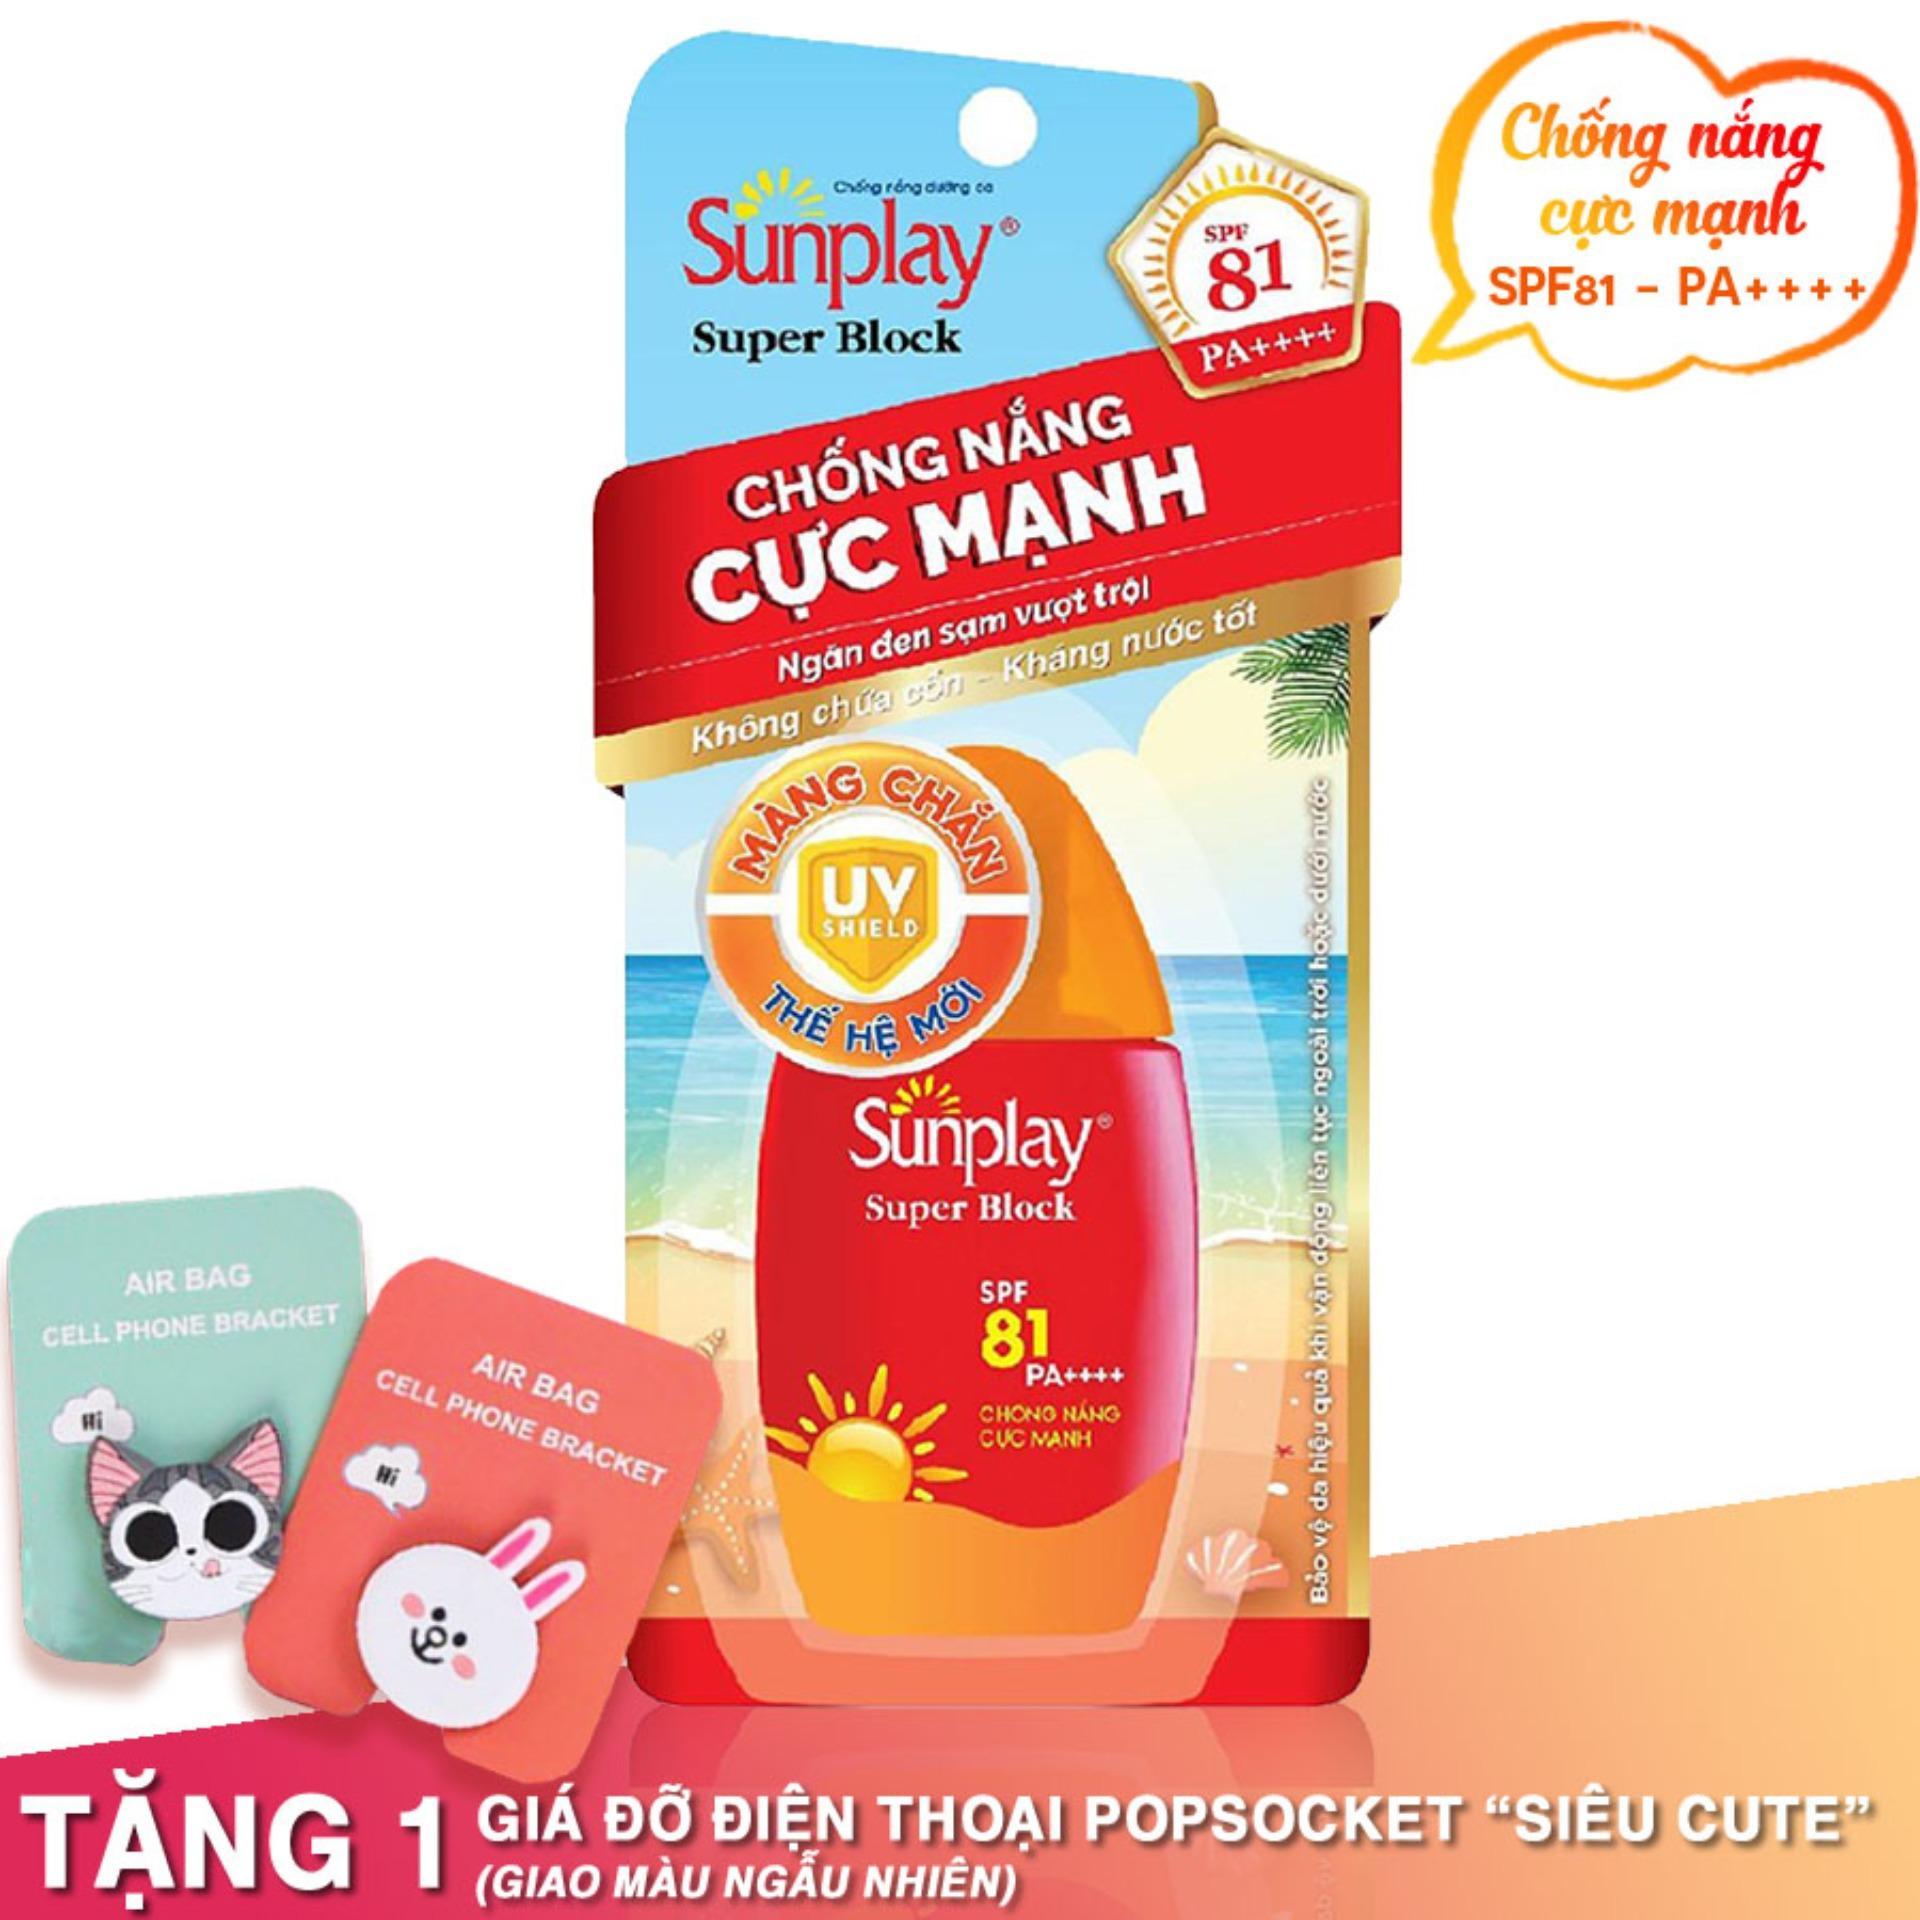 Sữa Chống Nắng Sunplay Cực Mạnh Sunplay Super Block SPF 81, PA++++ (30g) - Mẫu mới chính hãng